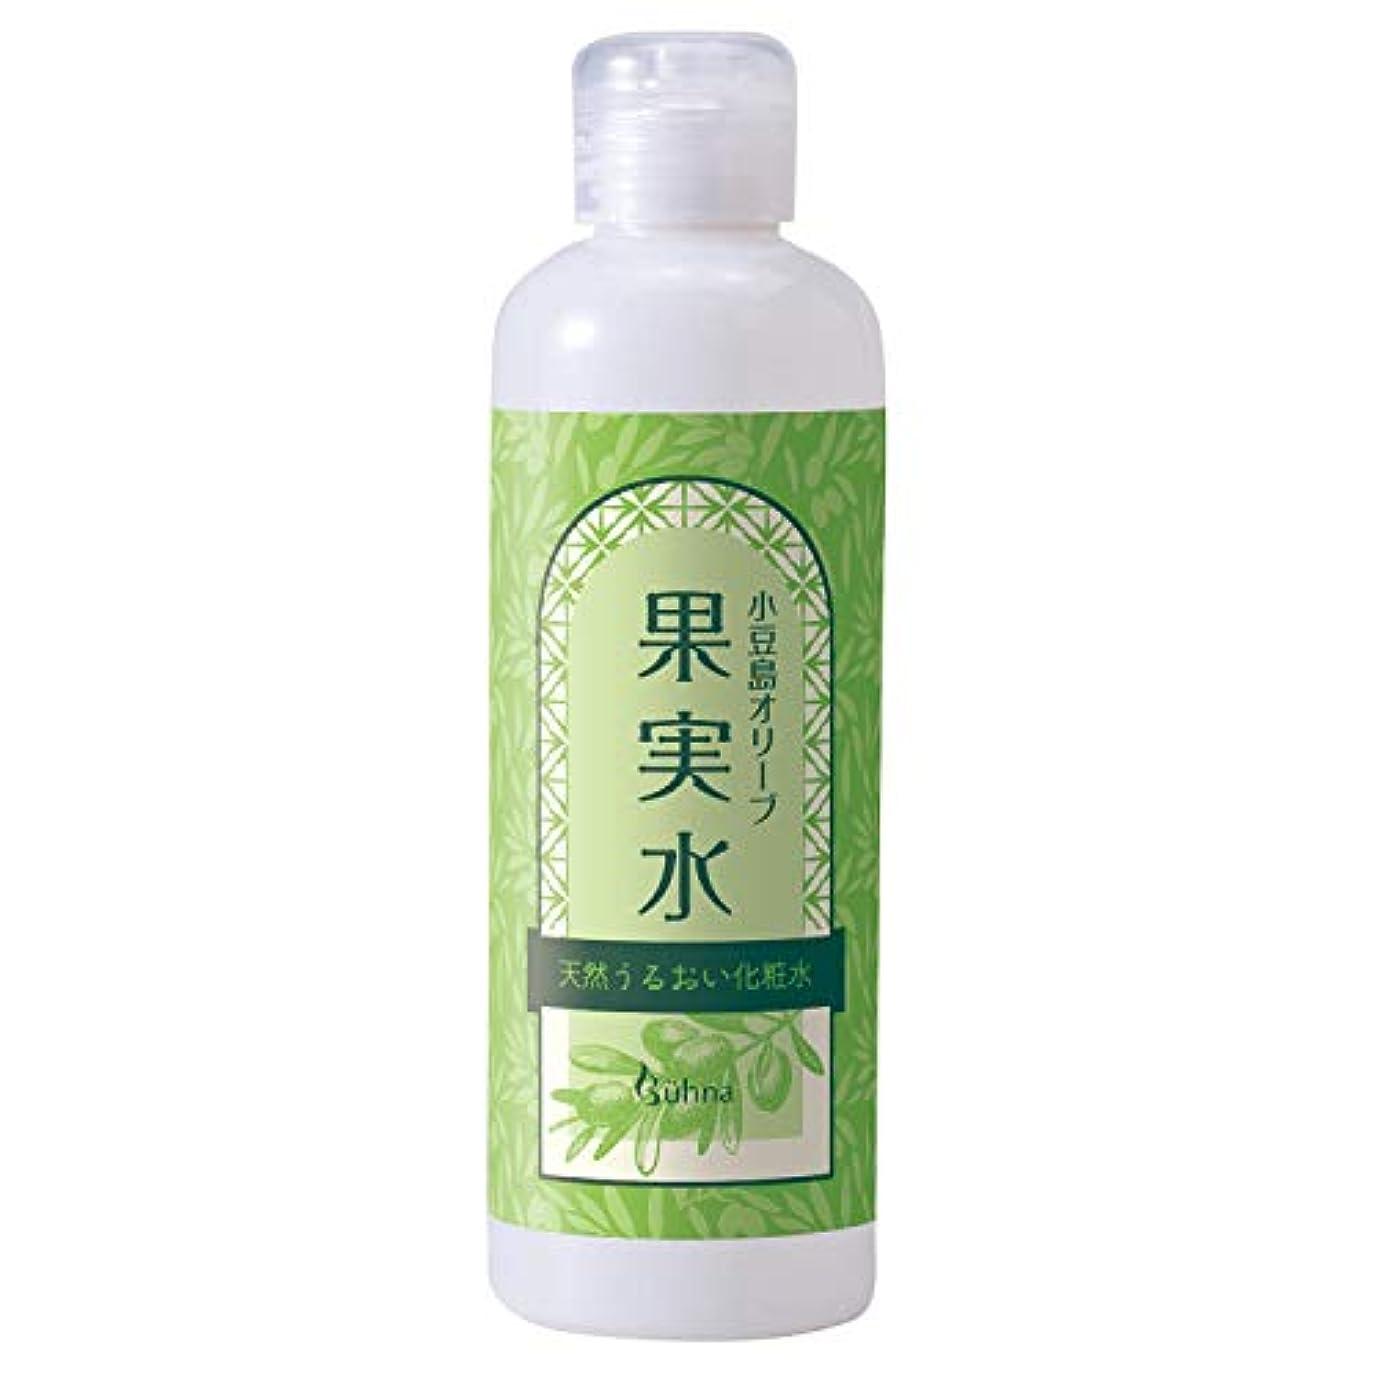 事実上課すちょっと待ってビューナ 小豆島オリーブ果実水 化粧水 保湿 オリーブオイル 無着色